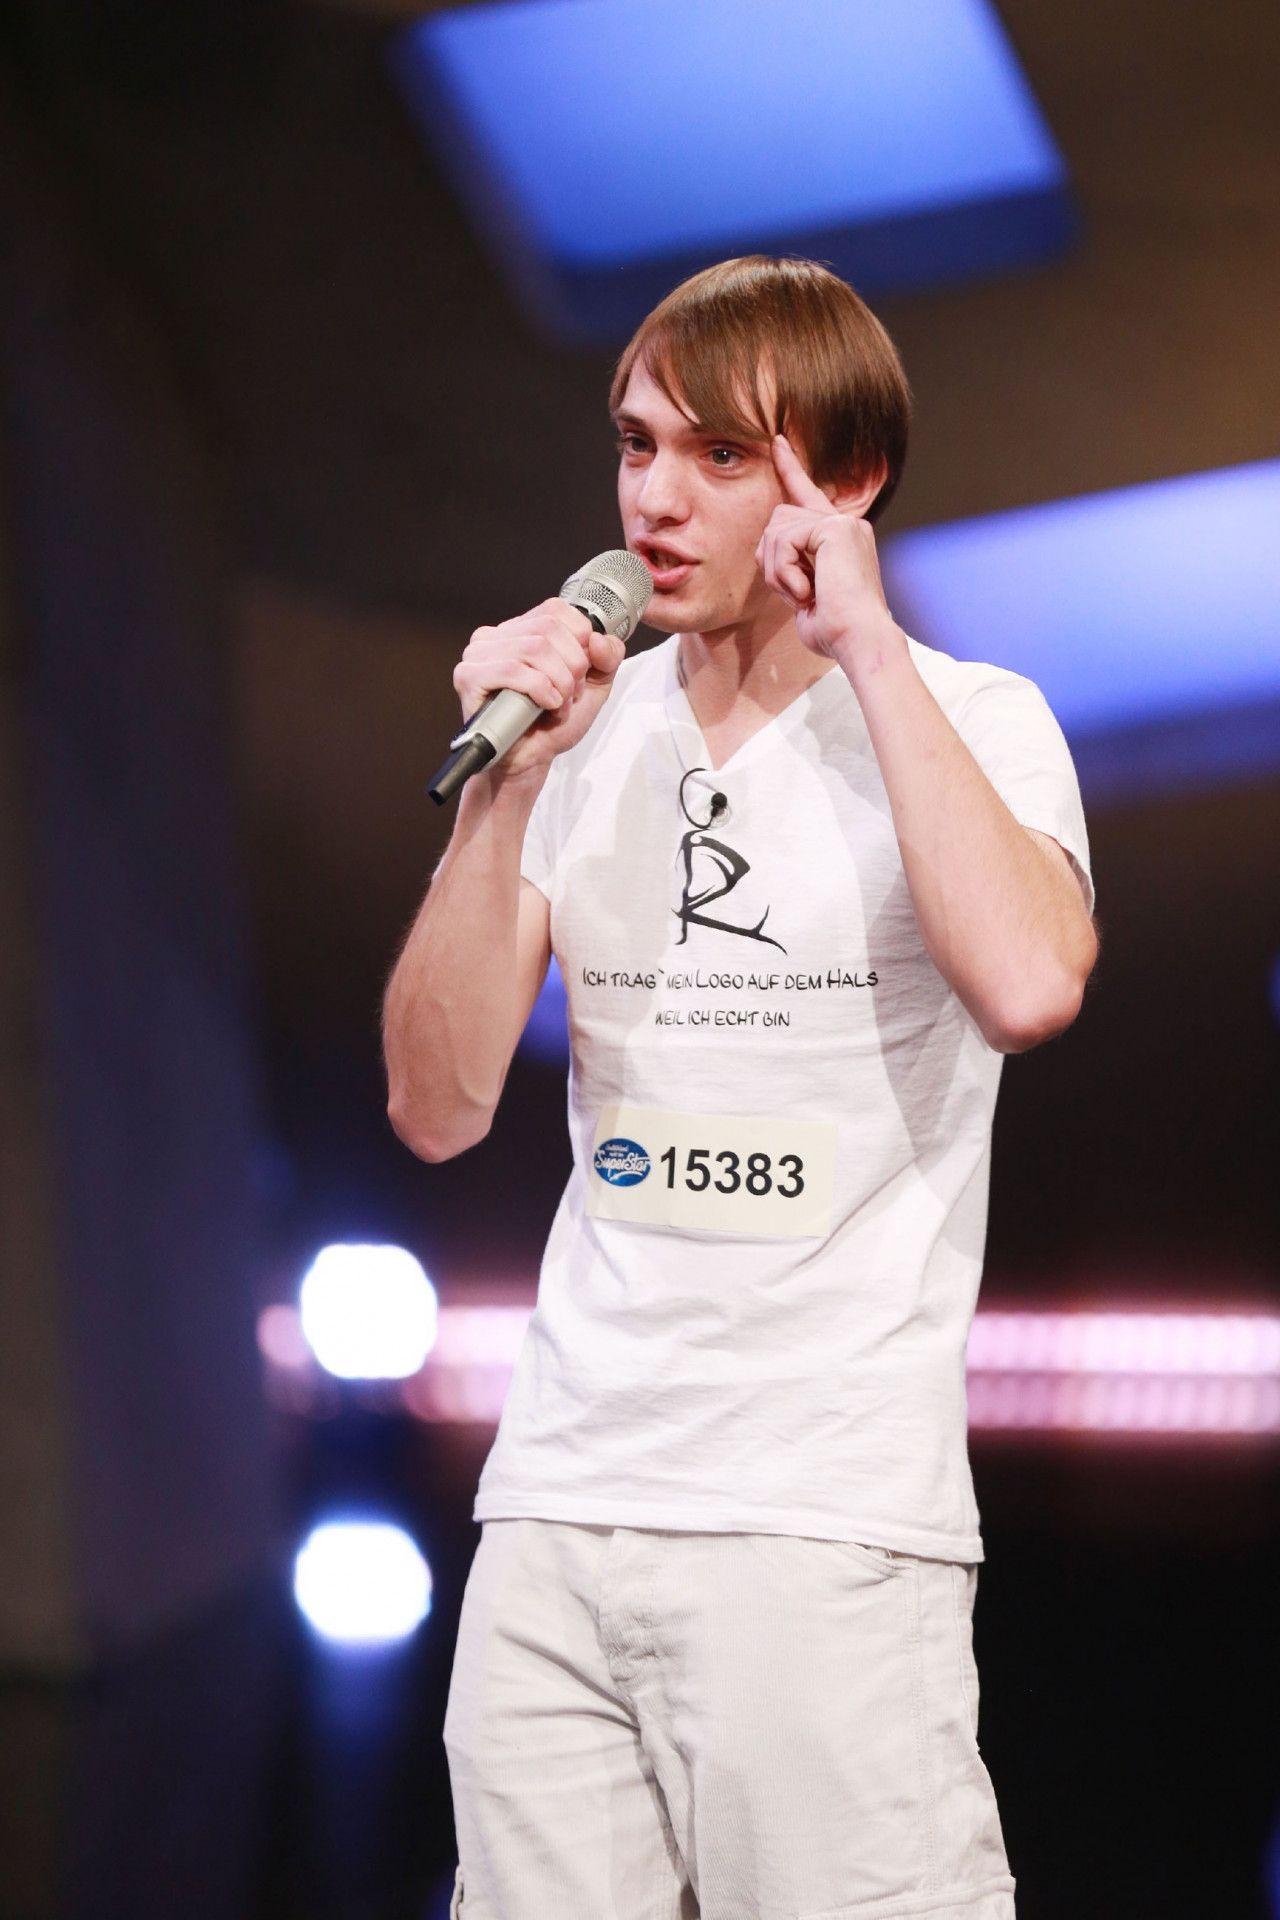 """""""Ich trage mein Logo auf dem Hals, weil ich echt bin"""", ist auf dem T-Shirt von Roy Drechsler zu lesen."""